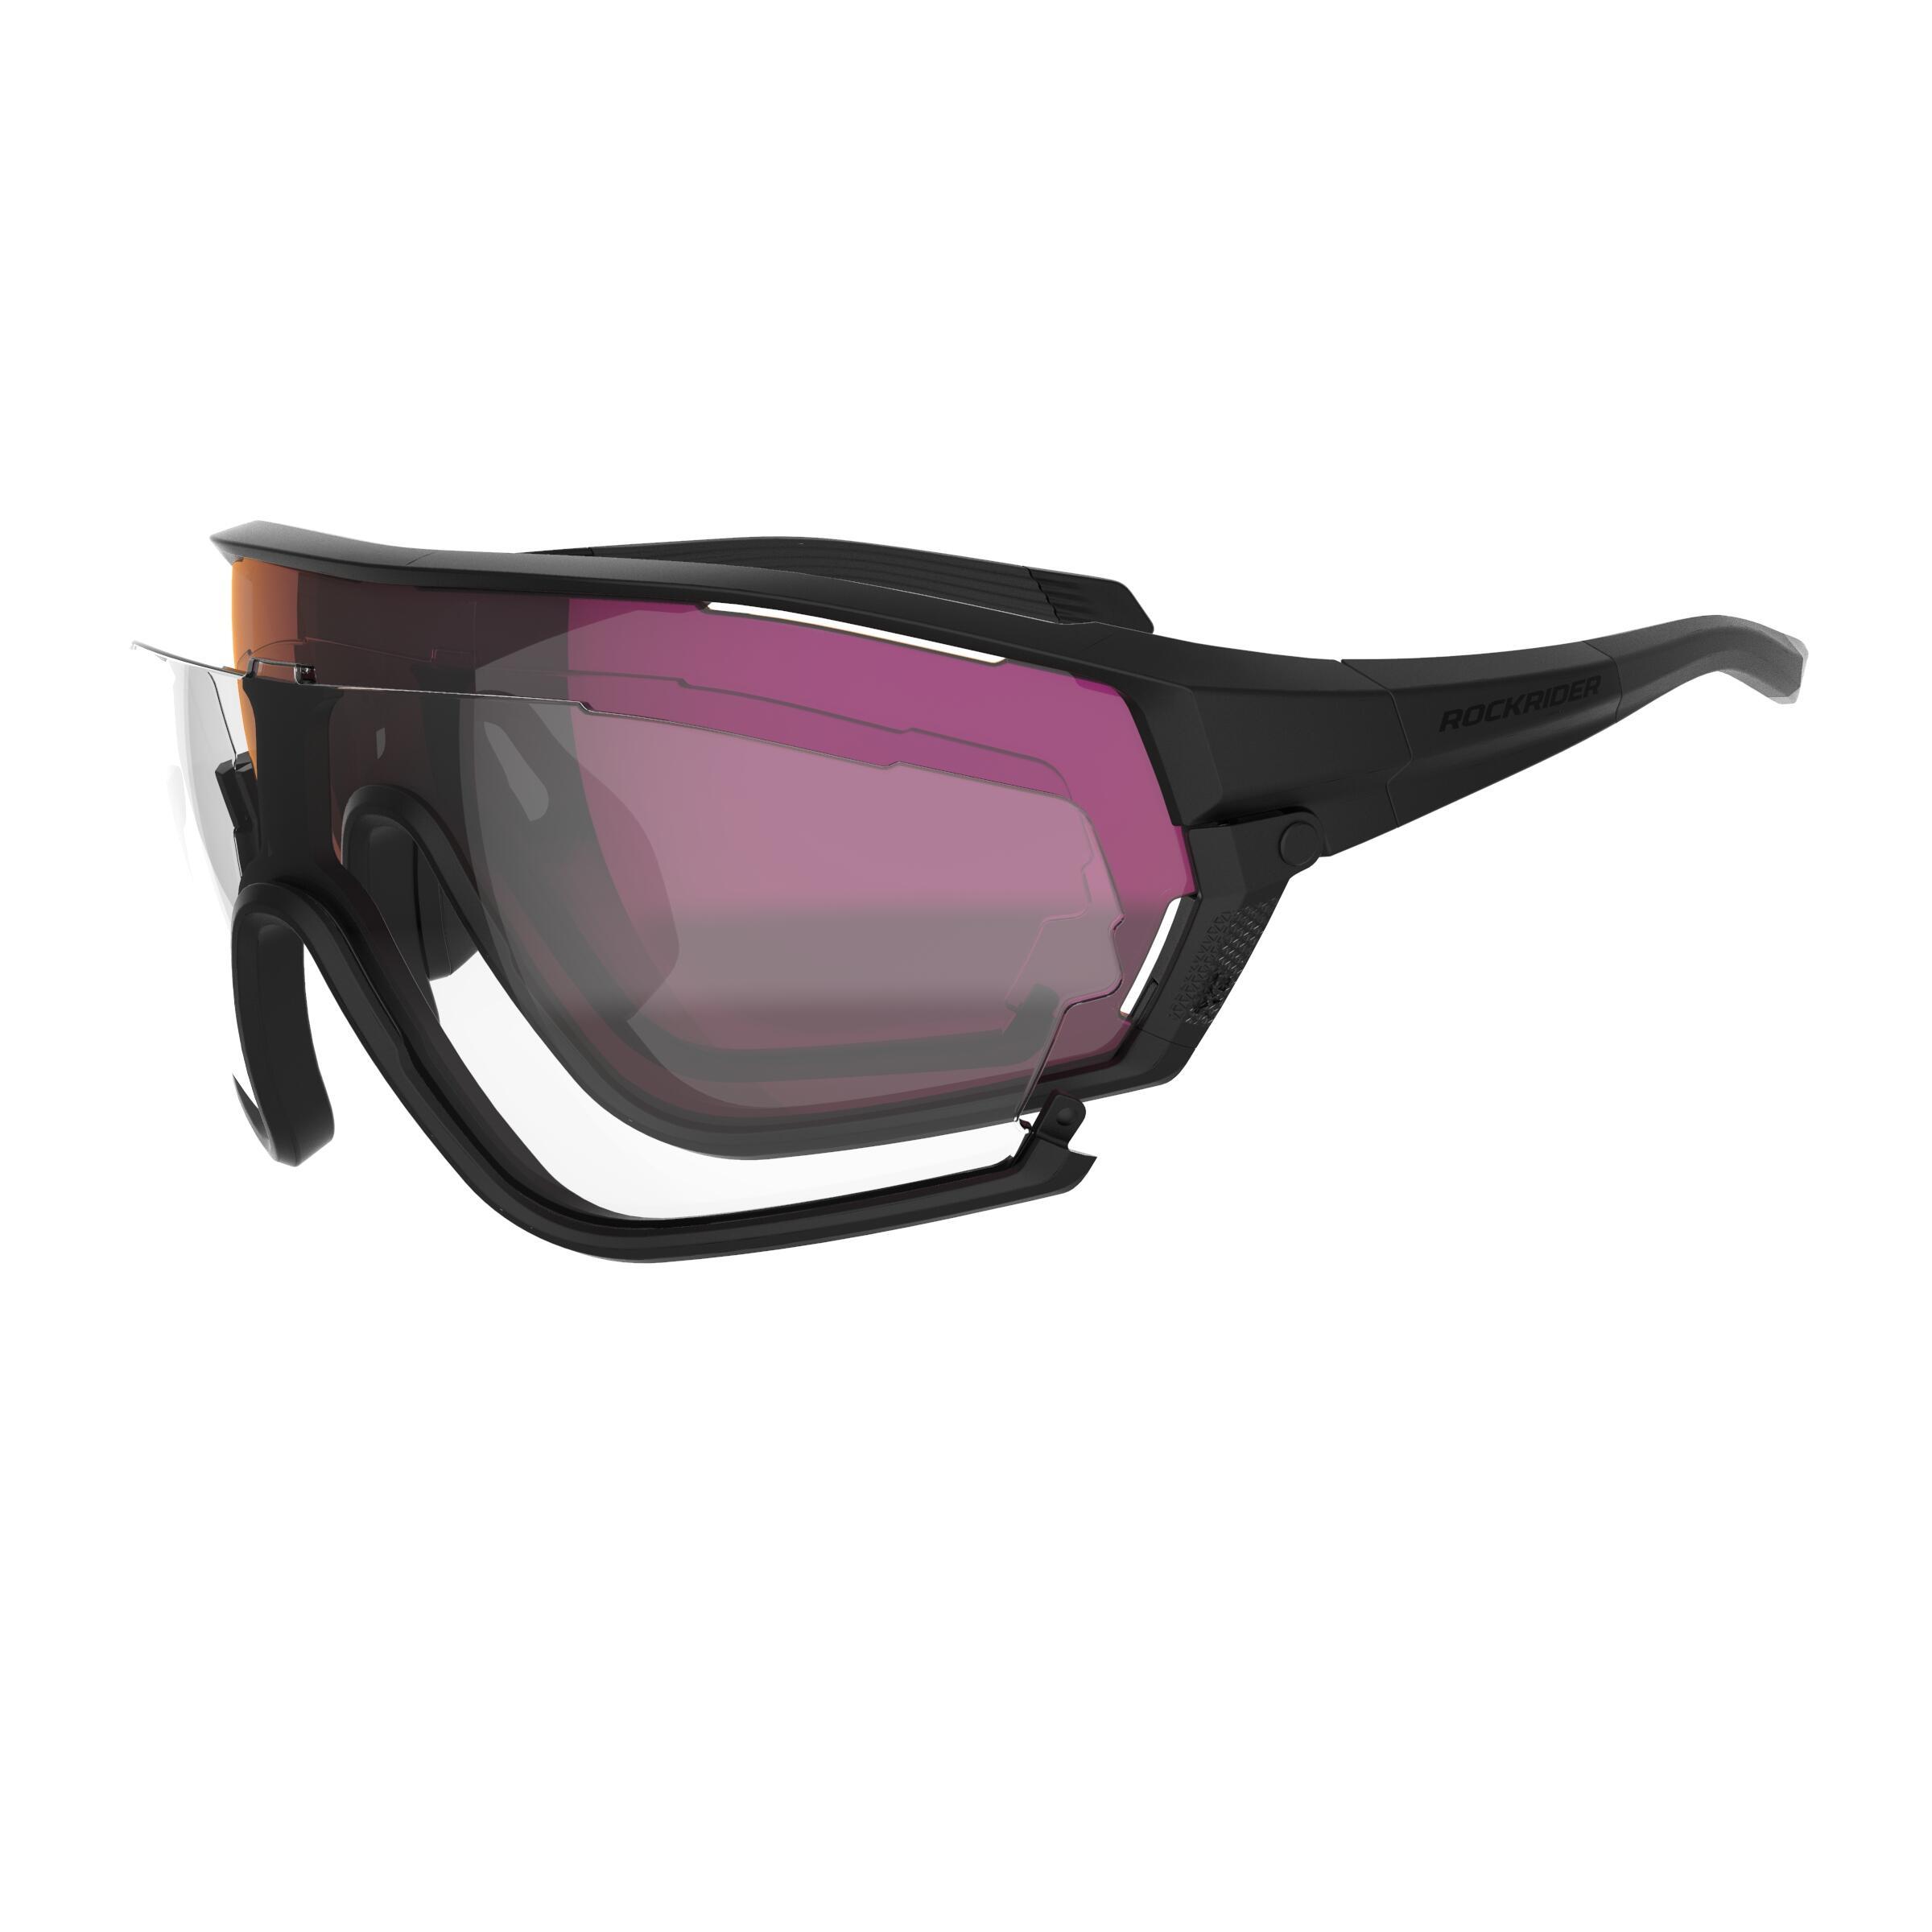 2er Pack X-CRUZE® XC011 Locs Radbrille Sonnenbrille Brille Herren Damen schwarz